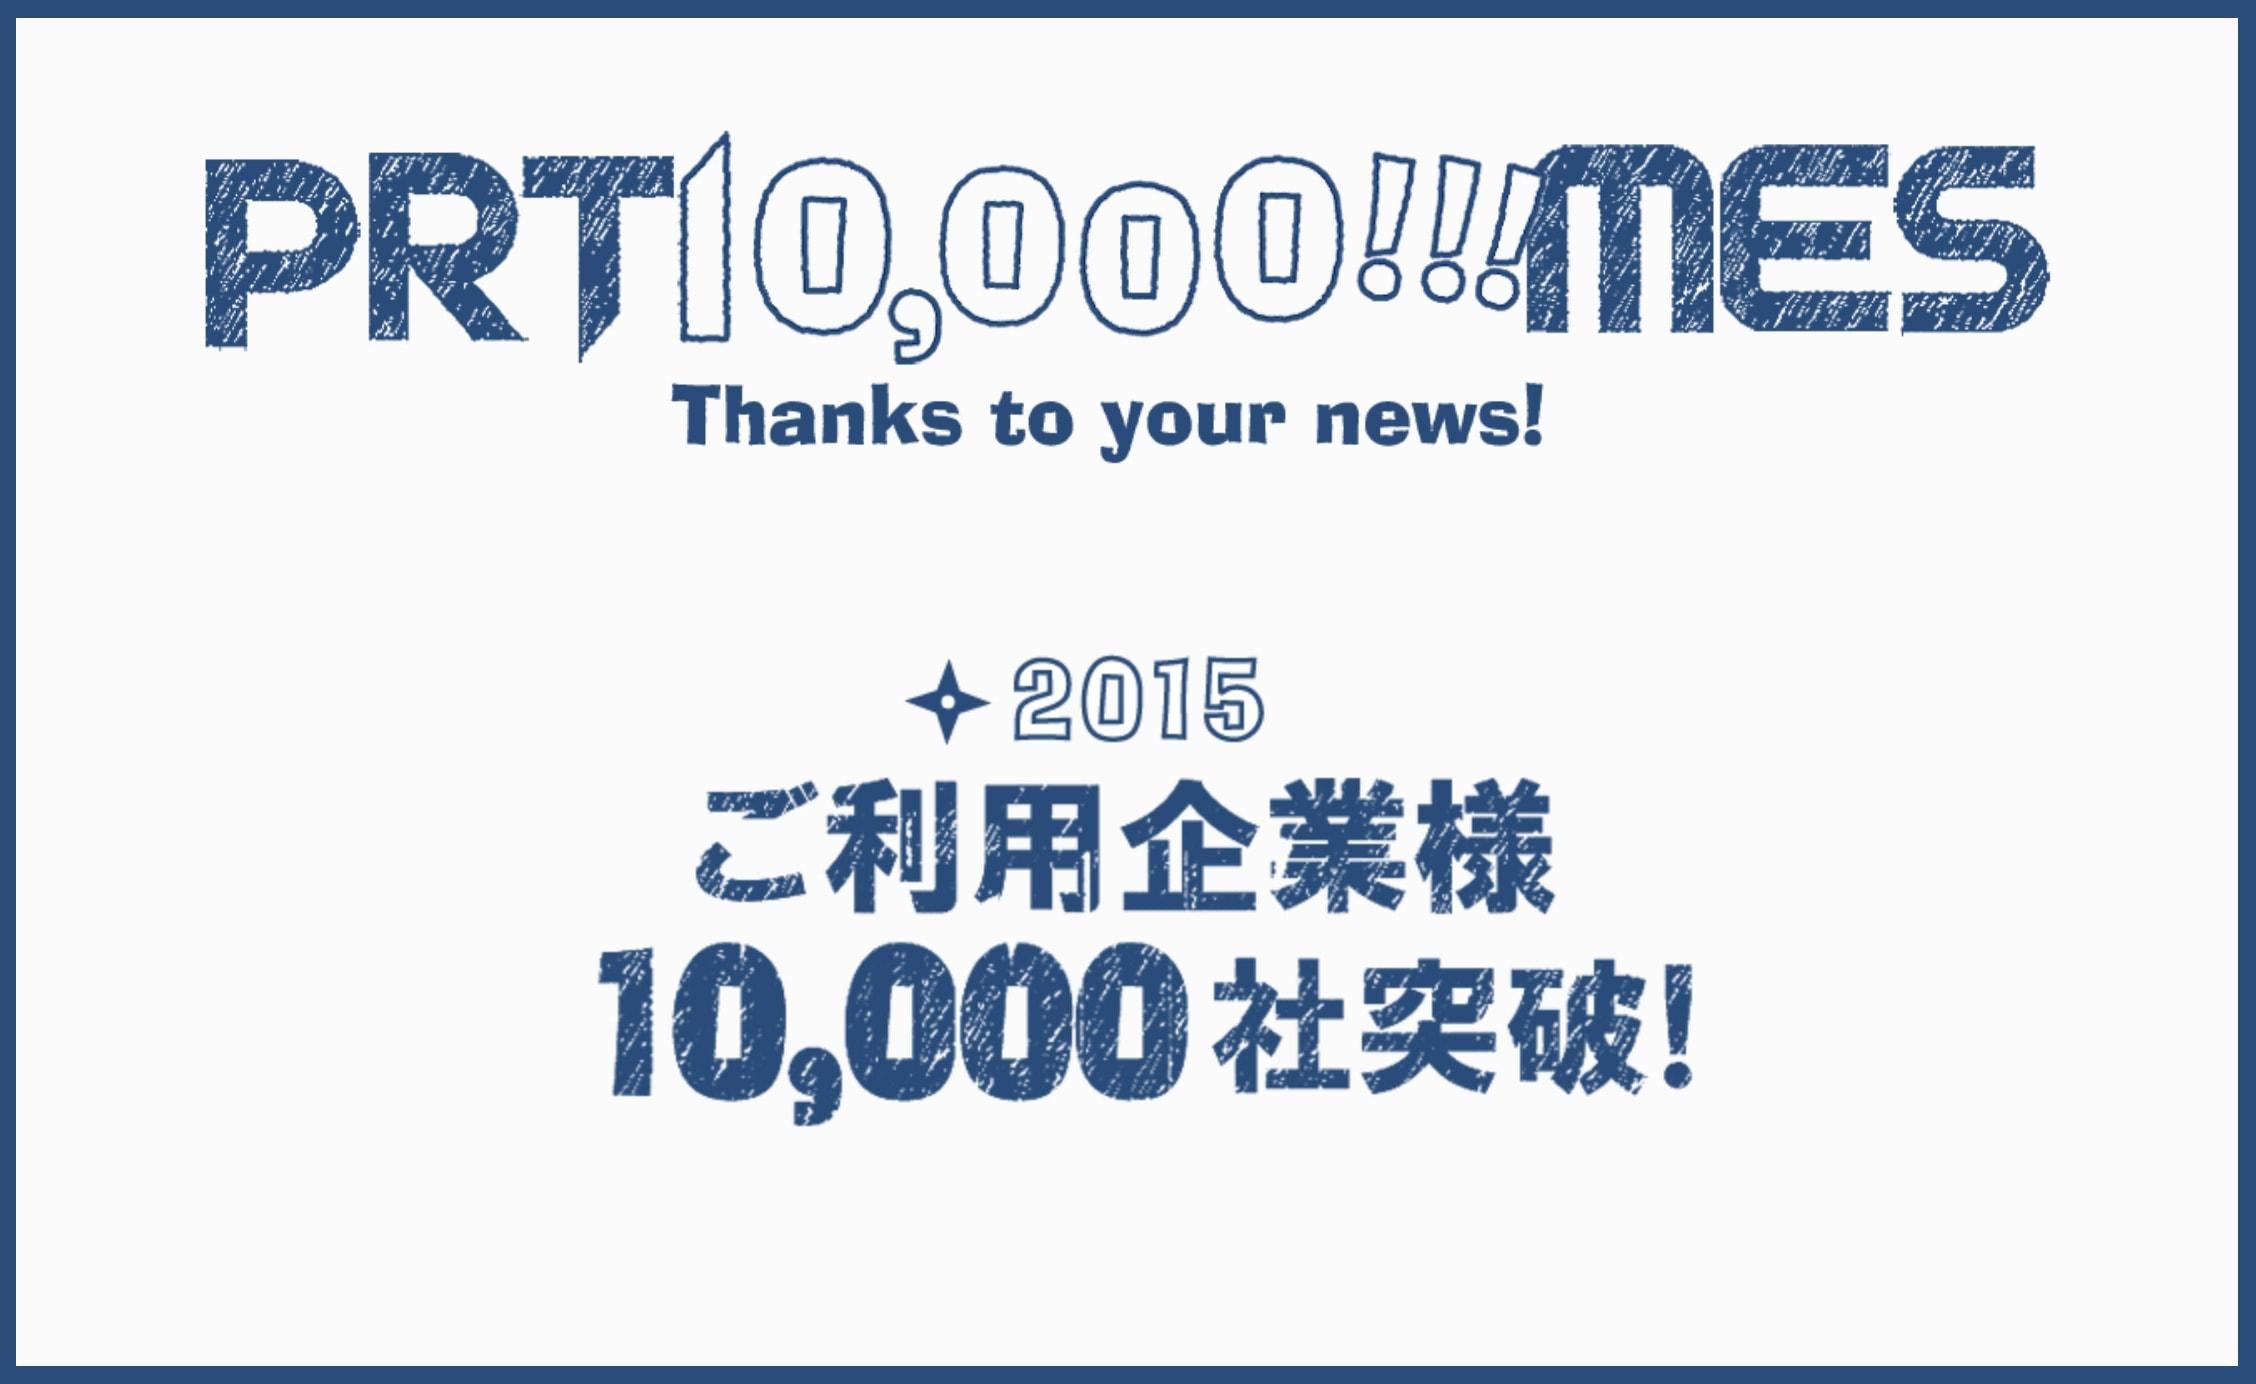 PRT 10,000!!! mes